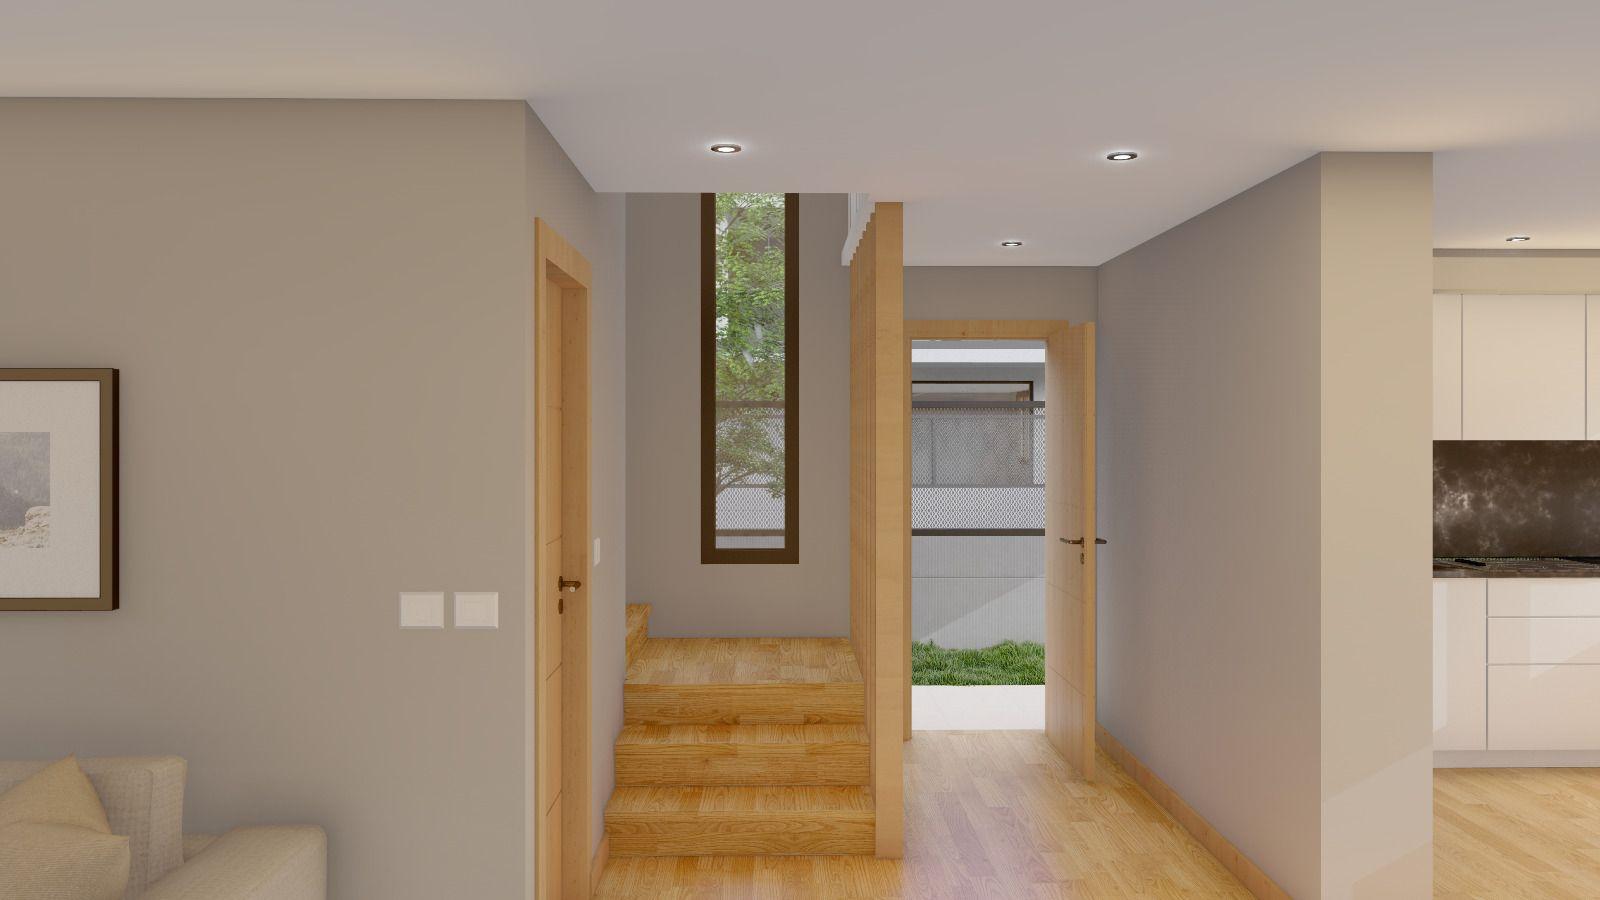 Modelos de chalés y pisos que diseña Arco da Vella, con luz y espacios al aire libre (6).jpeg